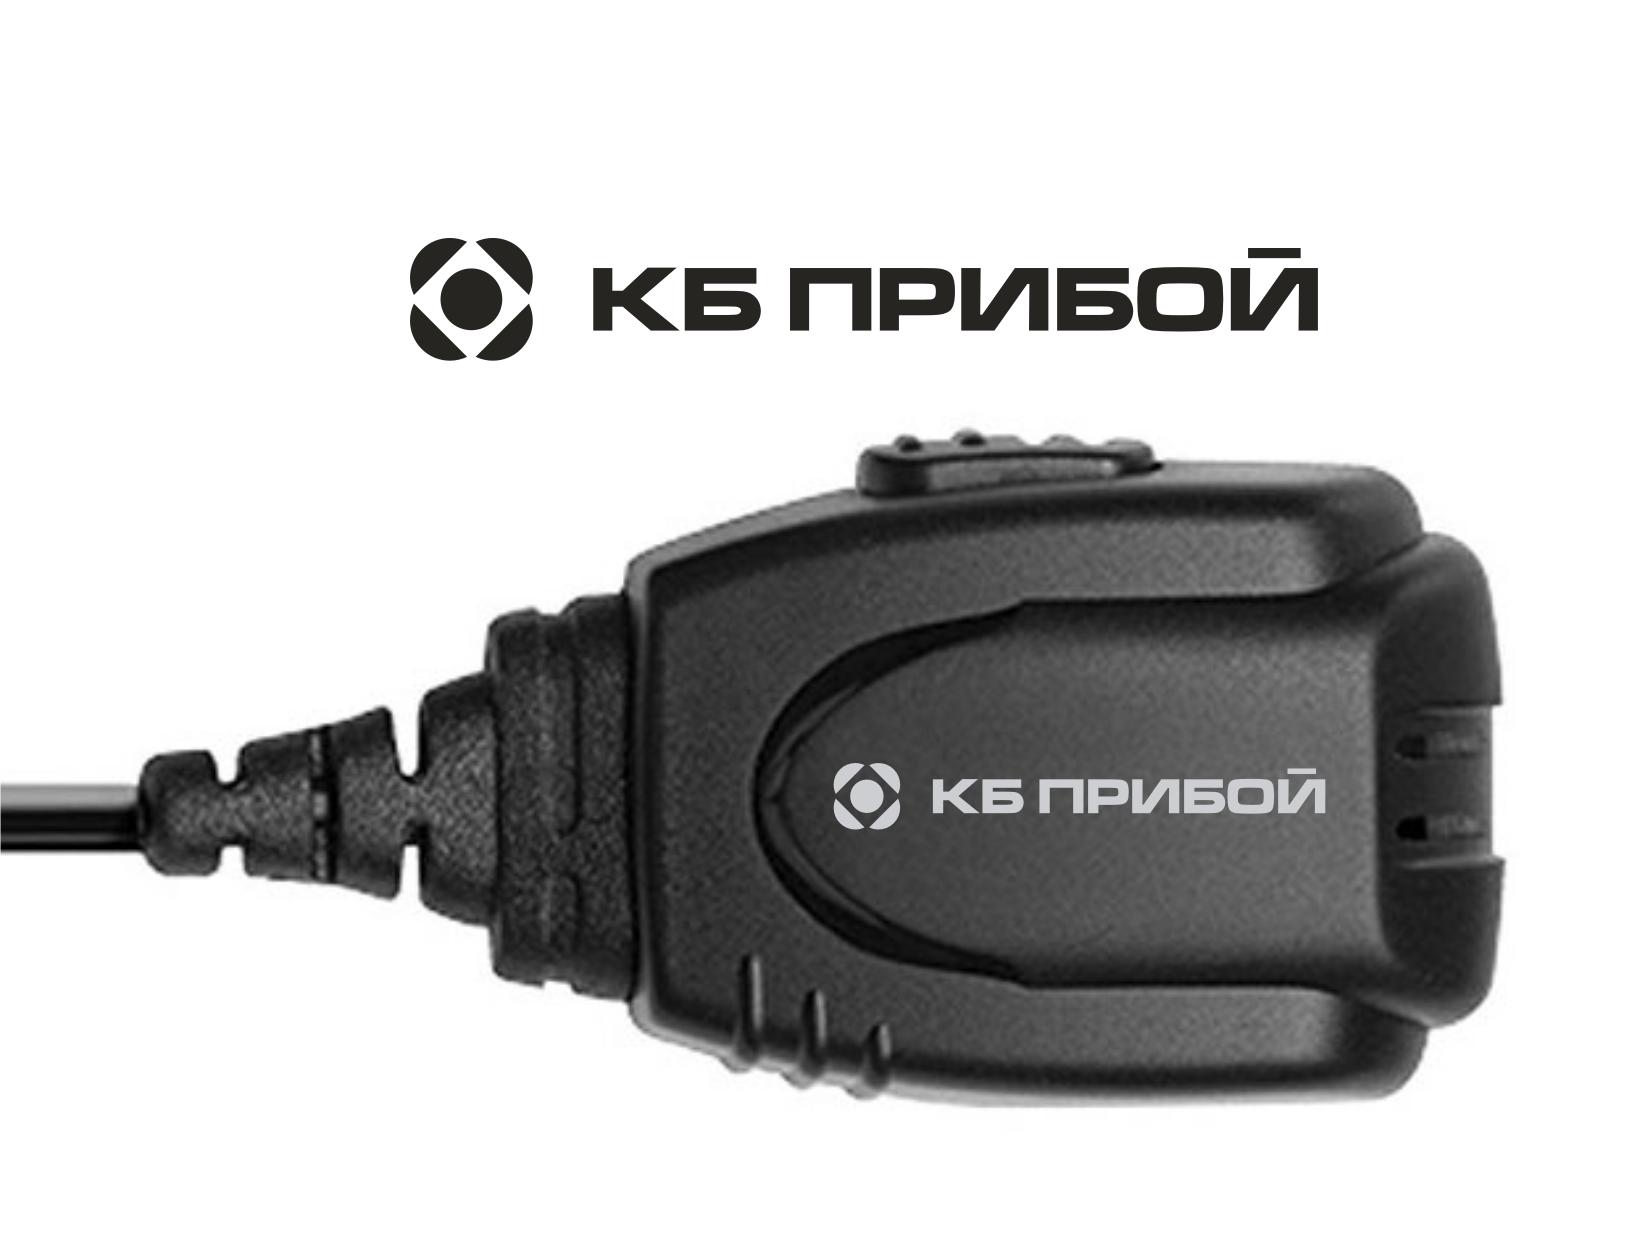 Разработка логотипа и фирменного стиля для КБ Прибой фото f_7515b24b6b5a7c4a.png